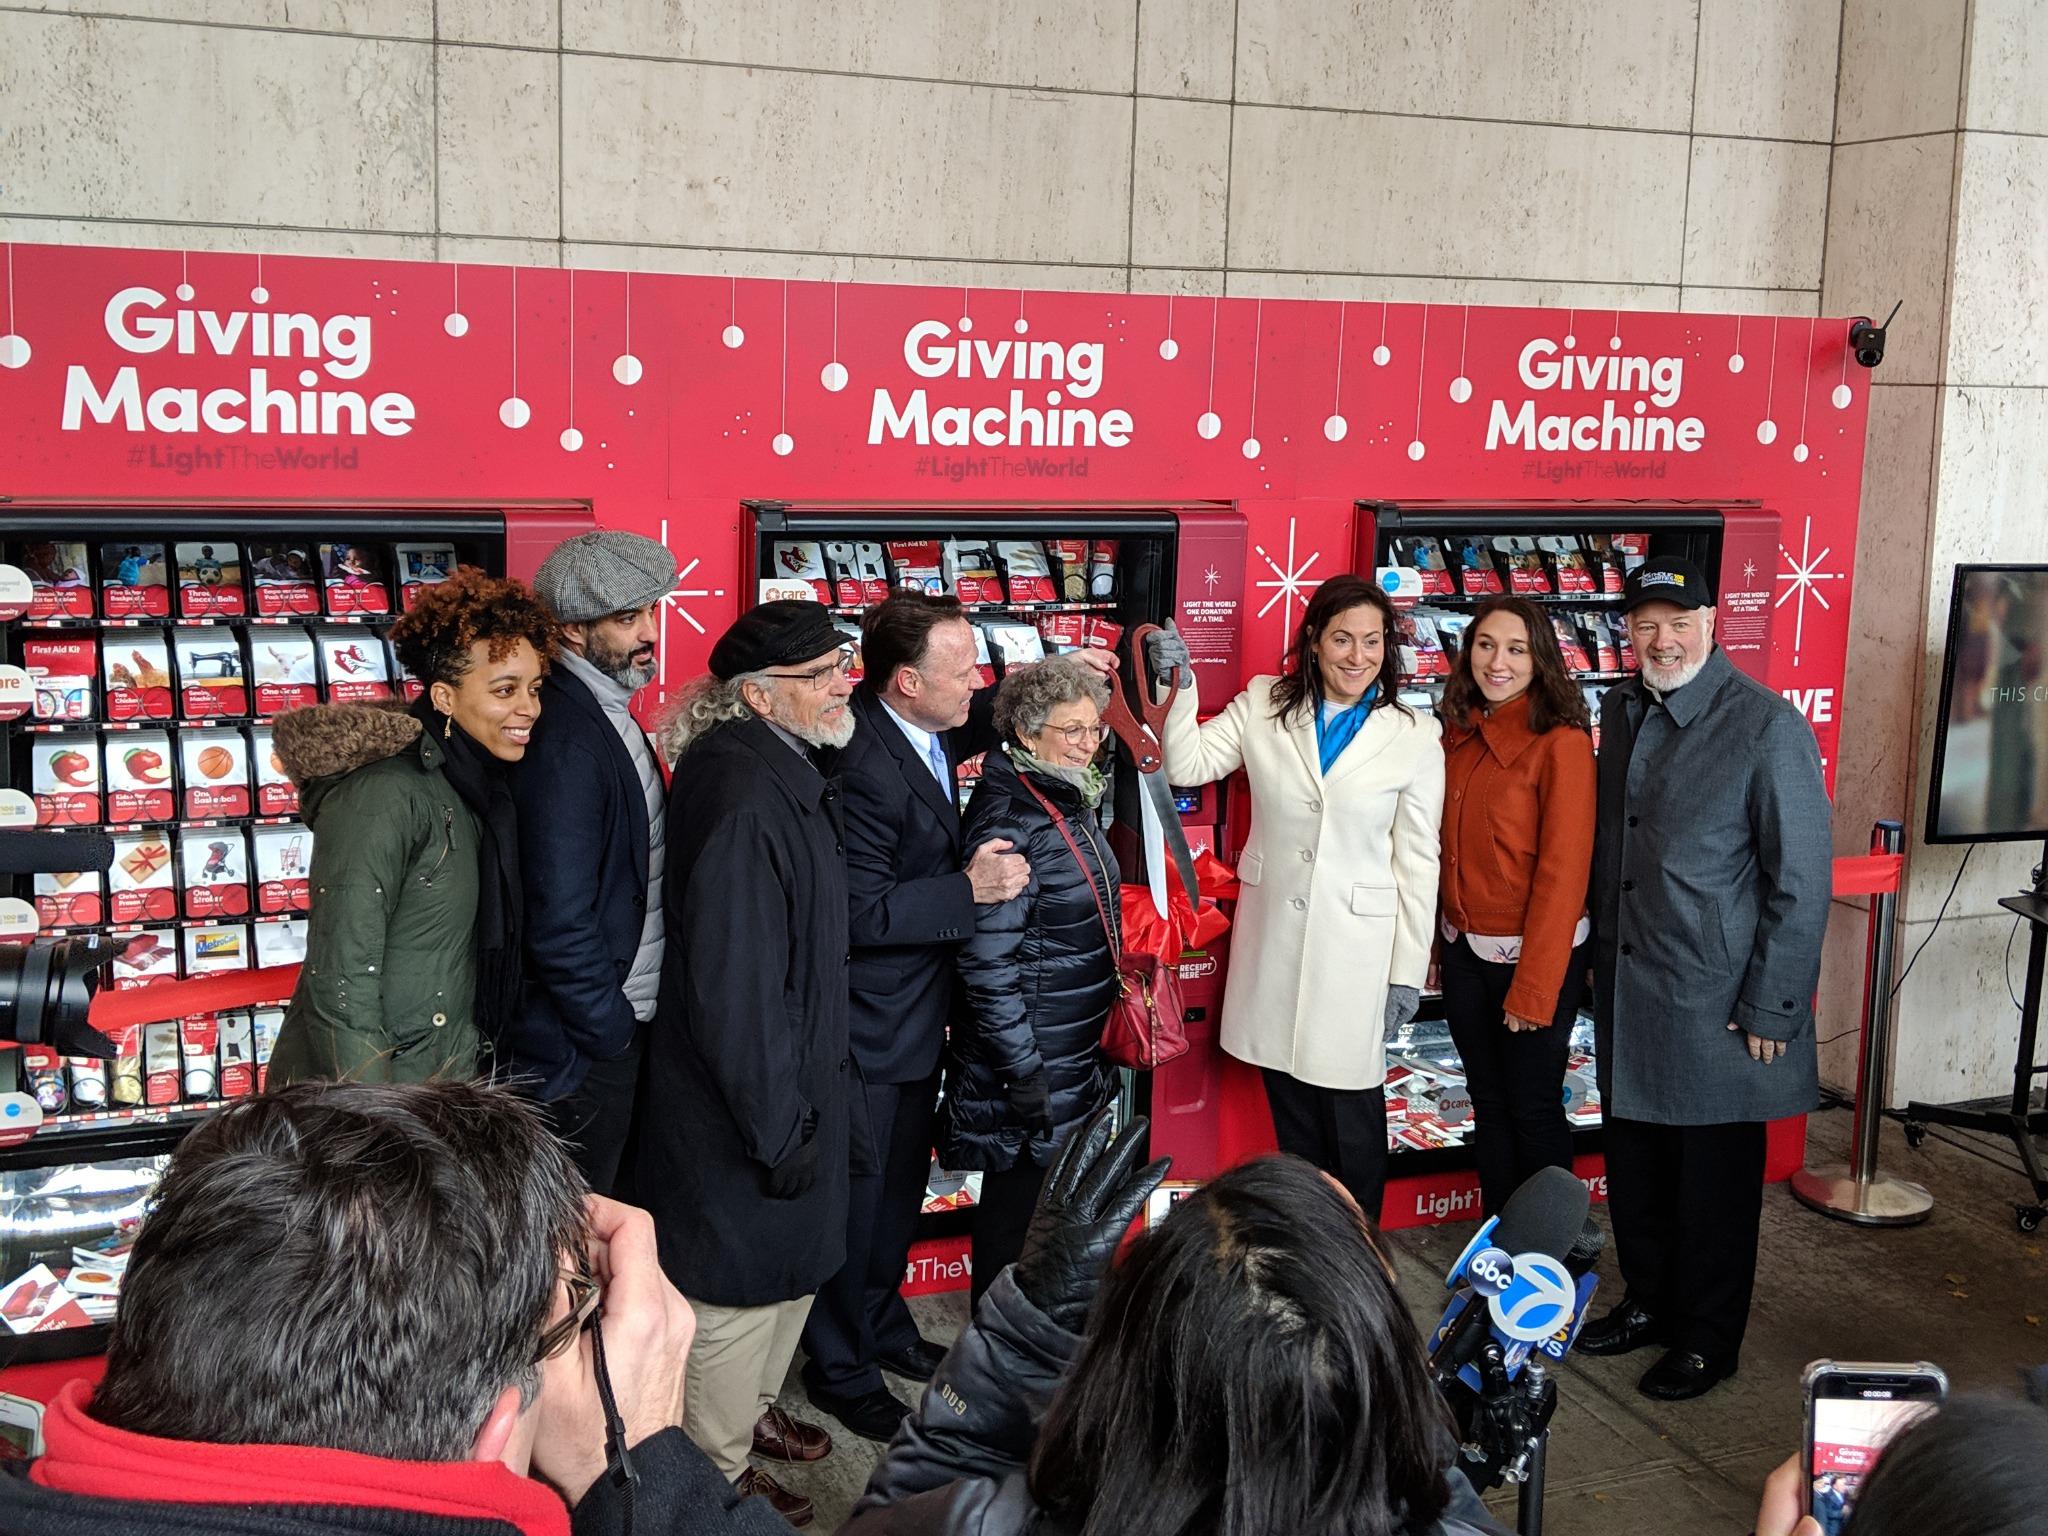 Una Máquina de donativos en la ciudad de Nueva York.